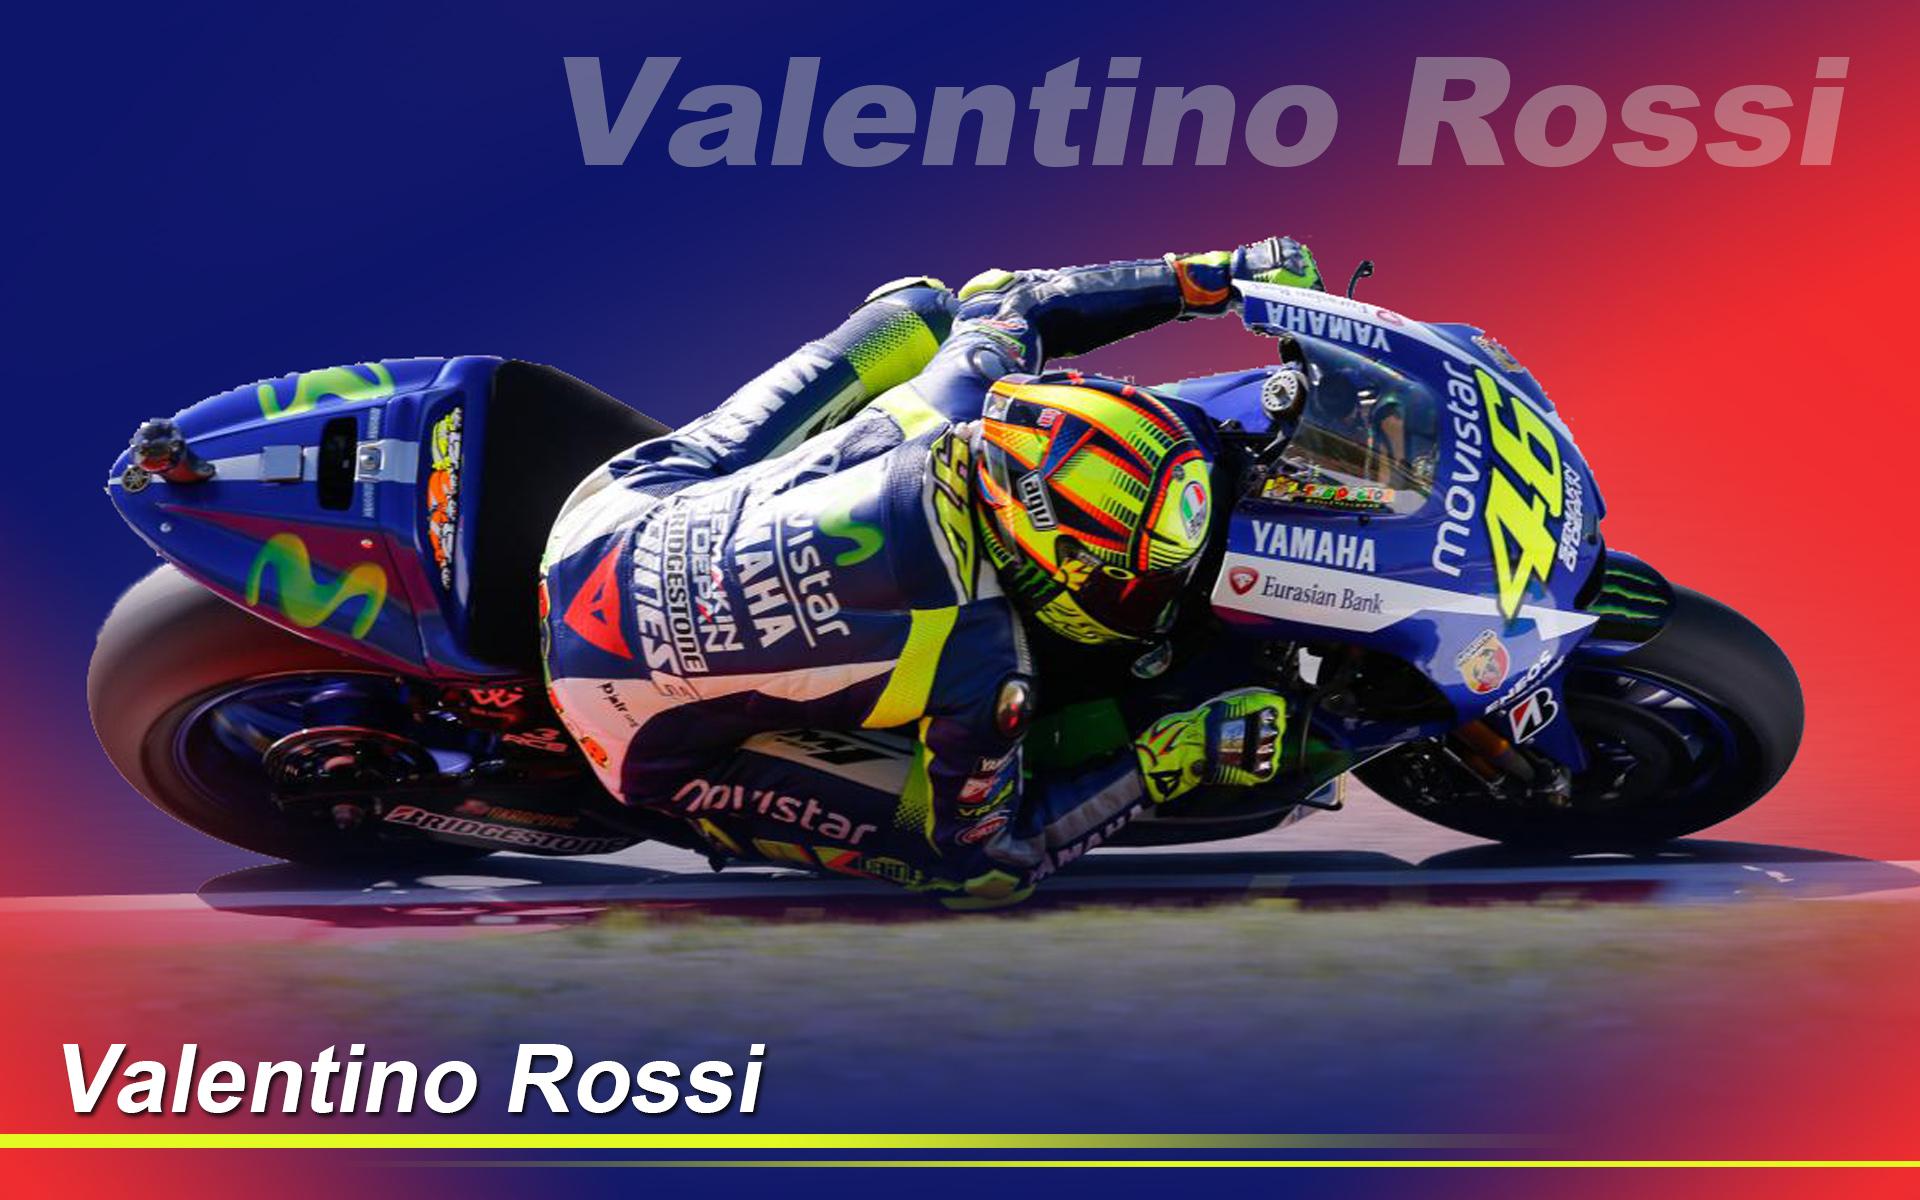 Valentino Rossi 2015 Mugello Race Desktop HD Wallpaper 1920x1200